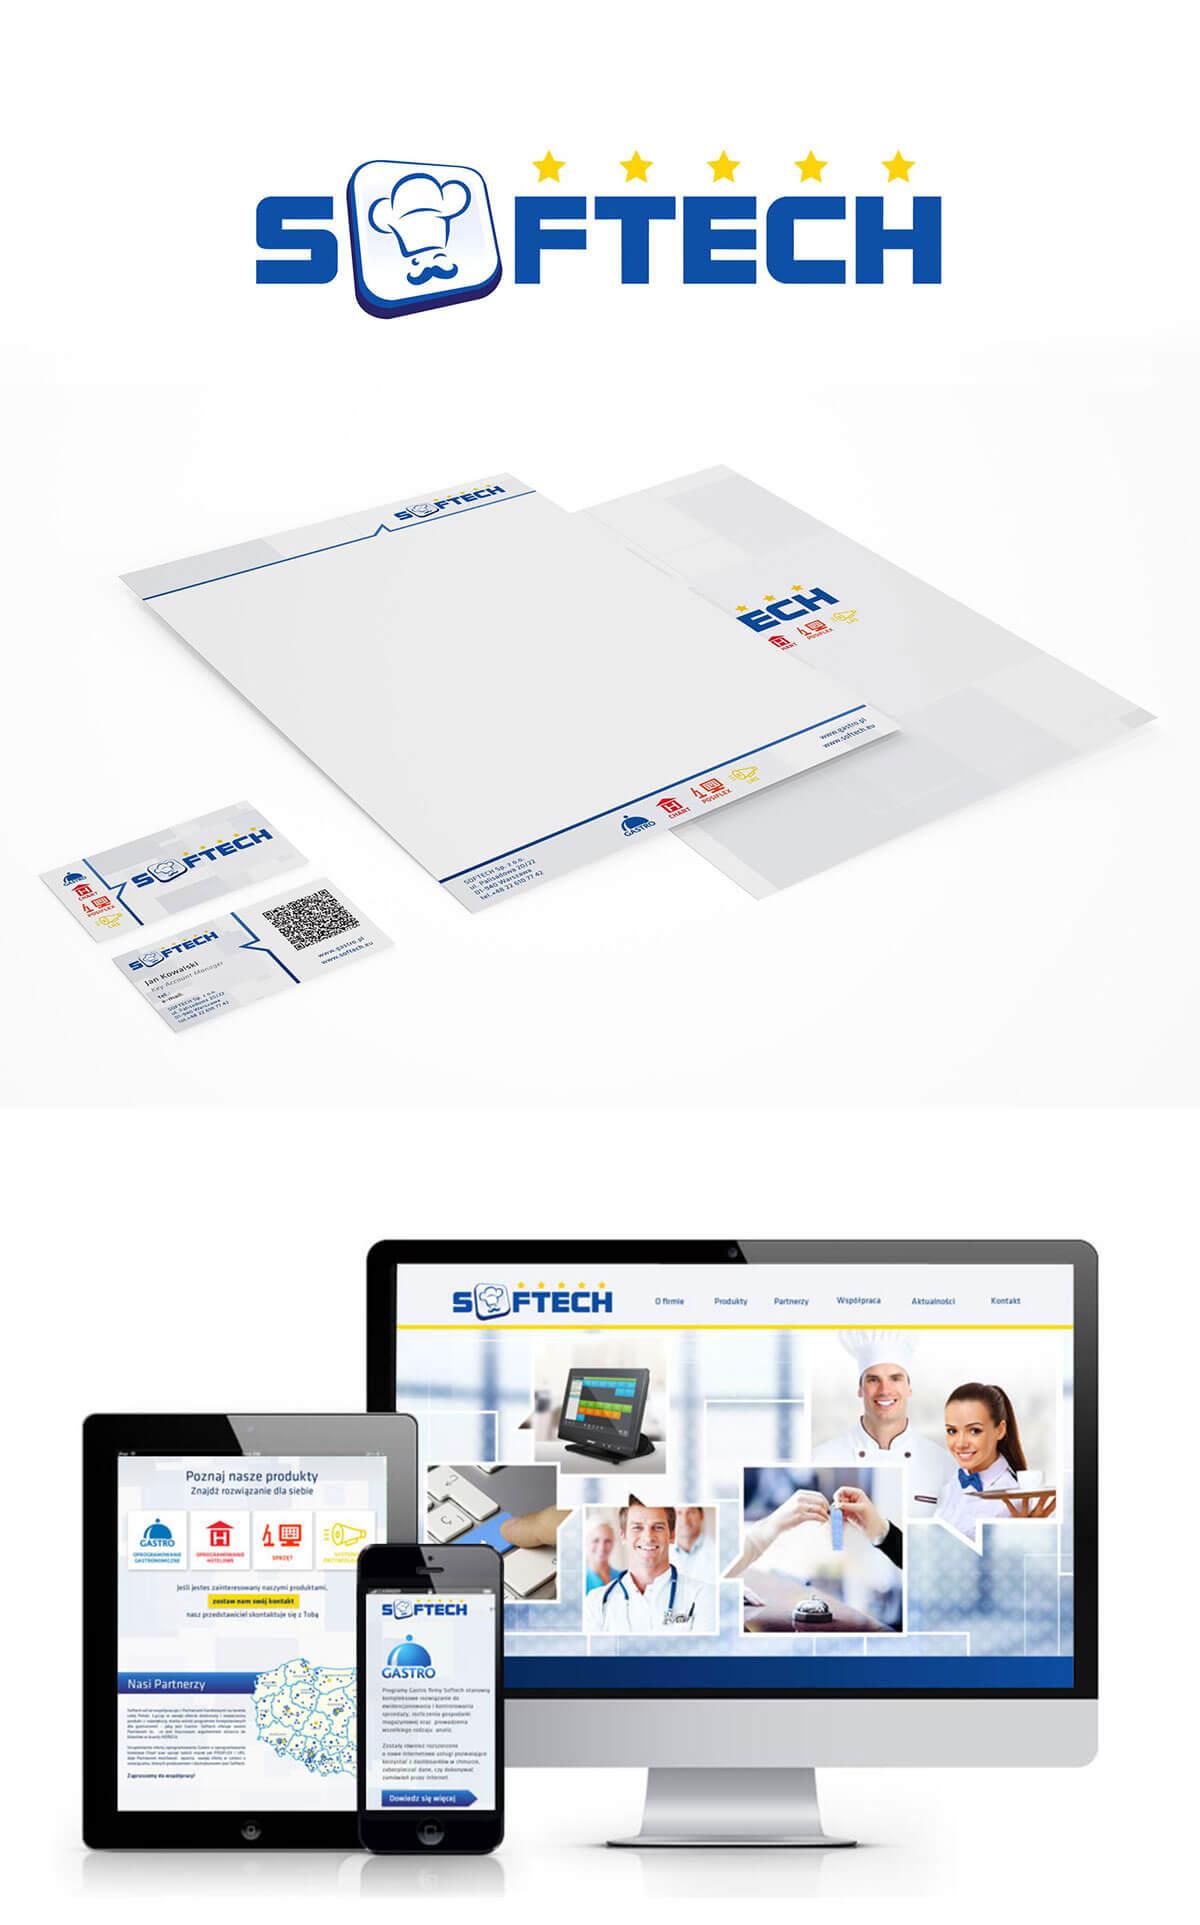 softech identyfikacja wizualna firmy